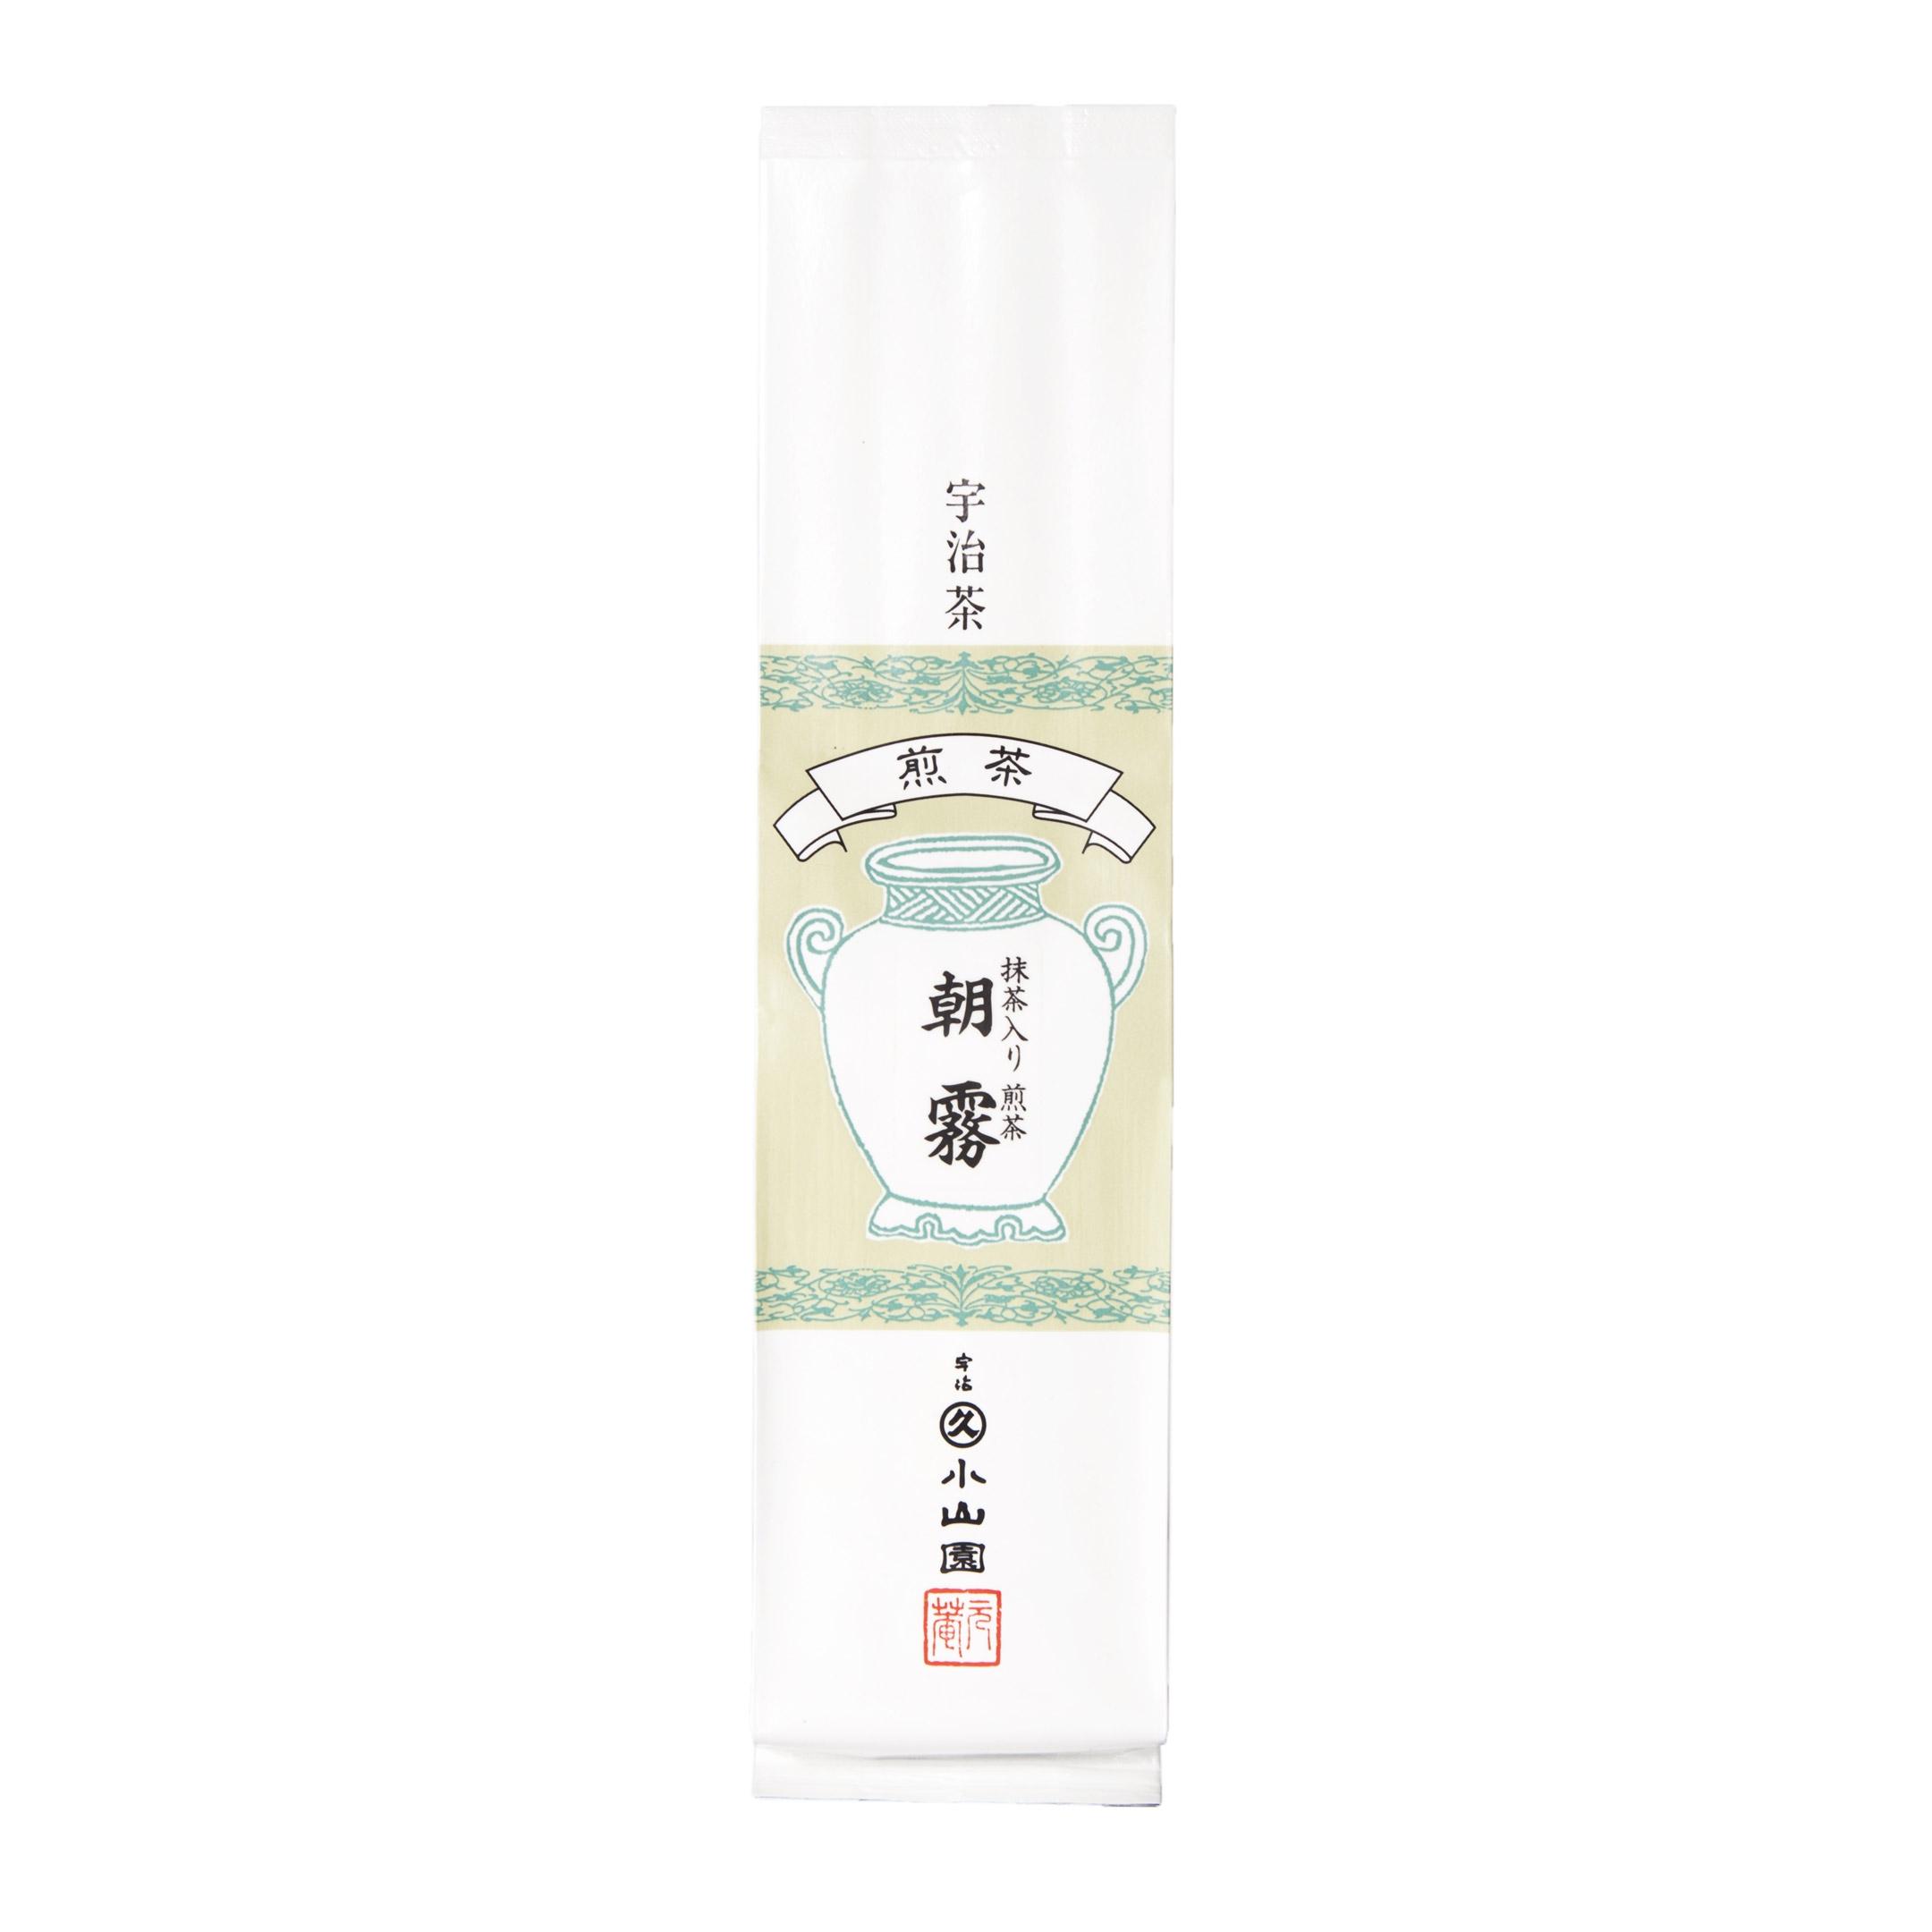 Sencha Asagiri - 100g